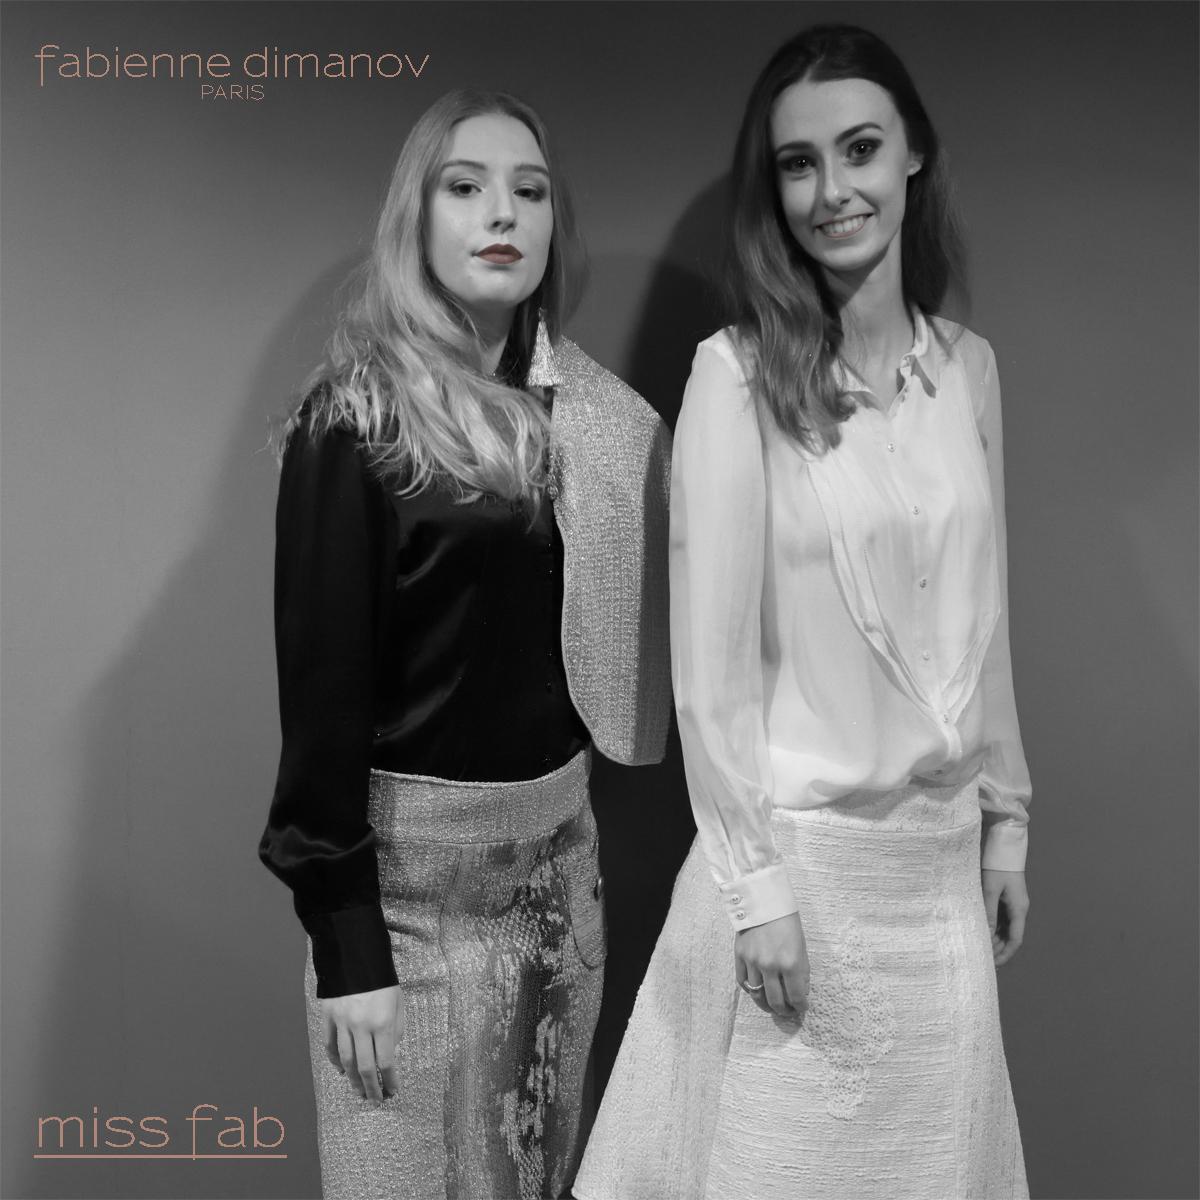 CIEL D'OR ET DE COTON  – MISS FAB – Fabienne Dilanov Paris